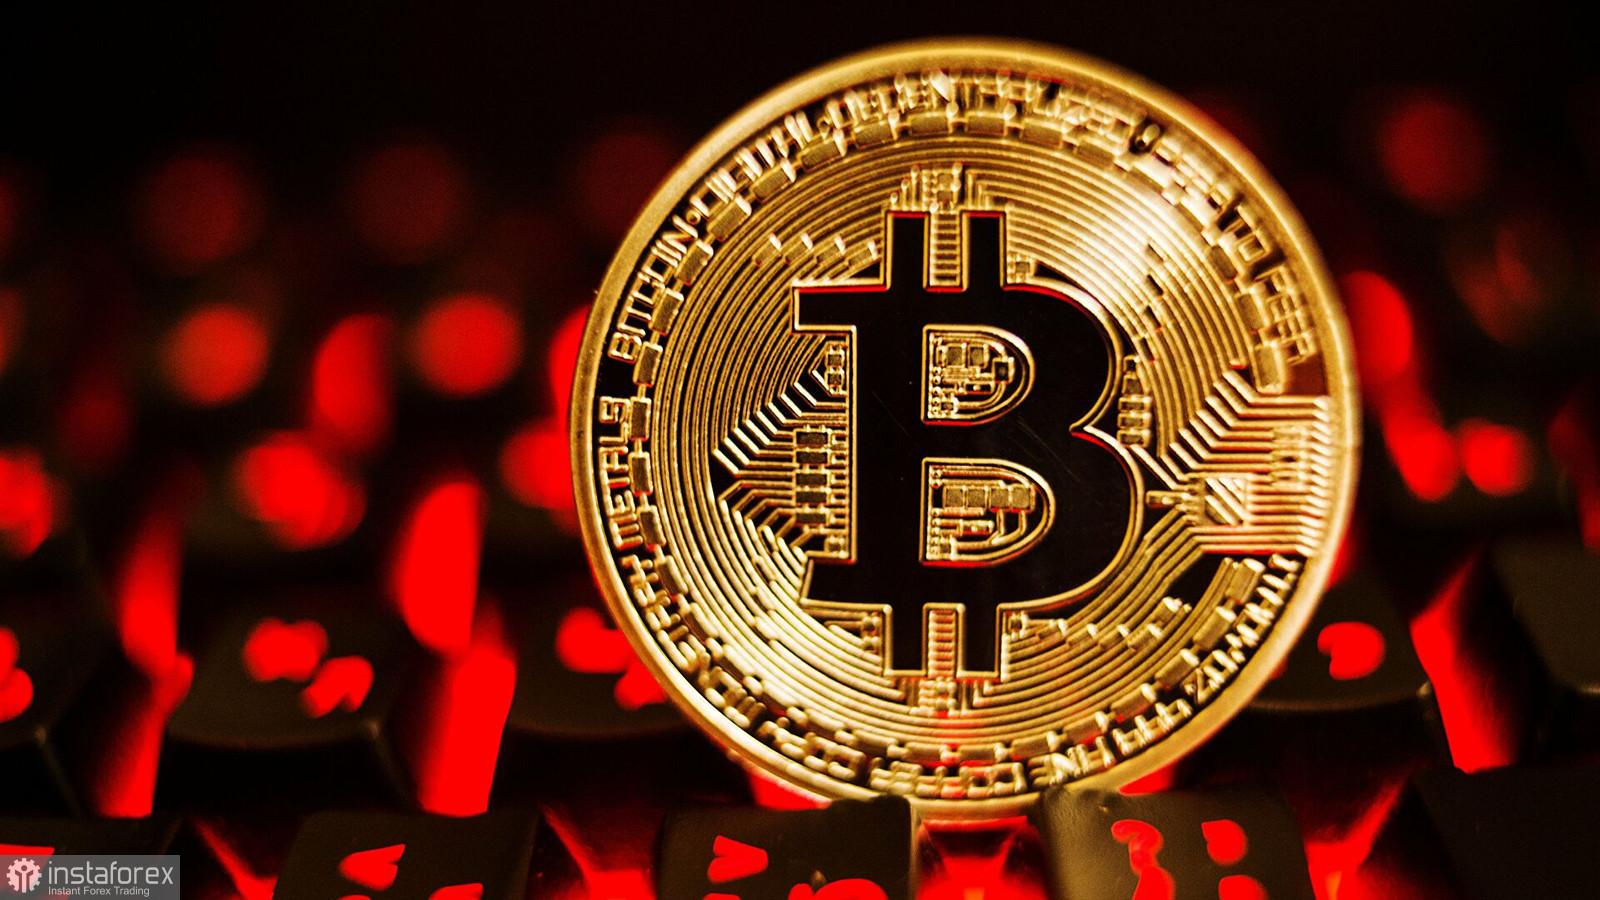 Cambio Valuta Forex BTC/USD (Bitcoin / Dollaro) in Tempo Reale